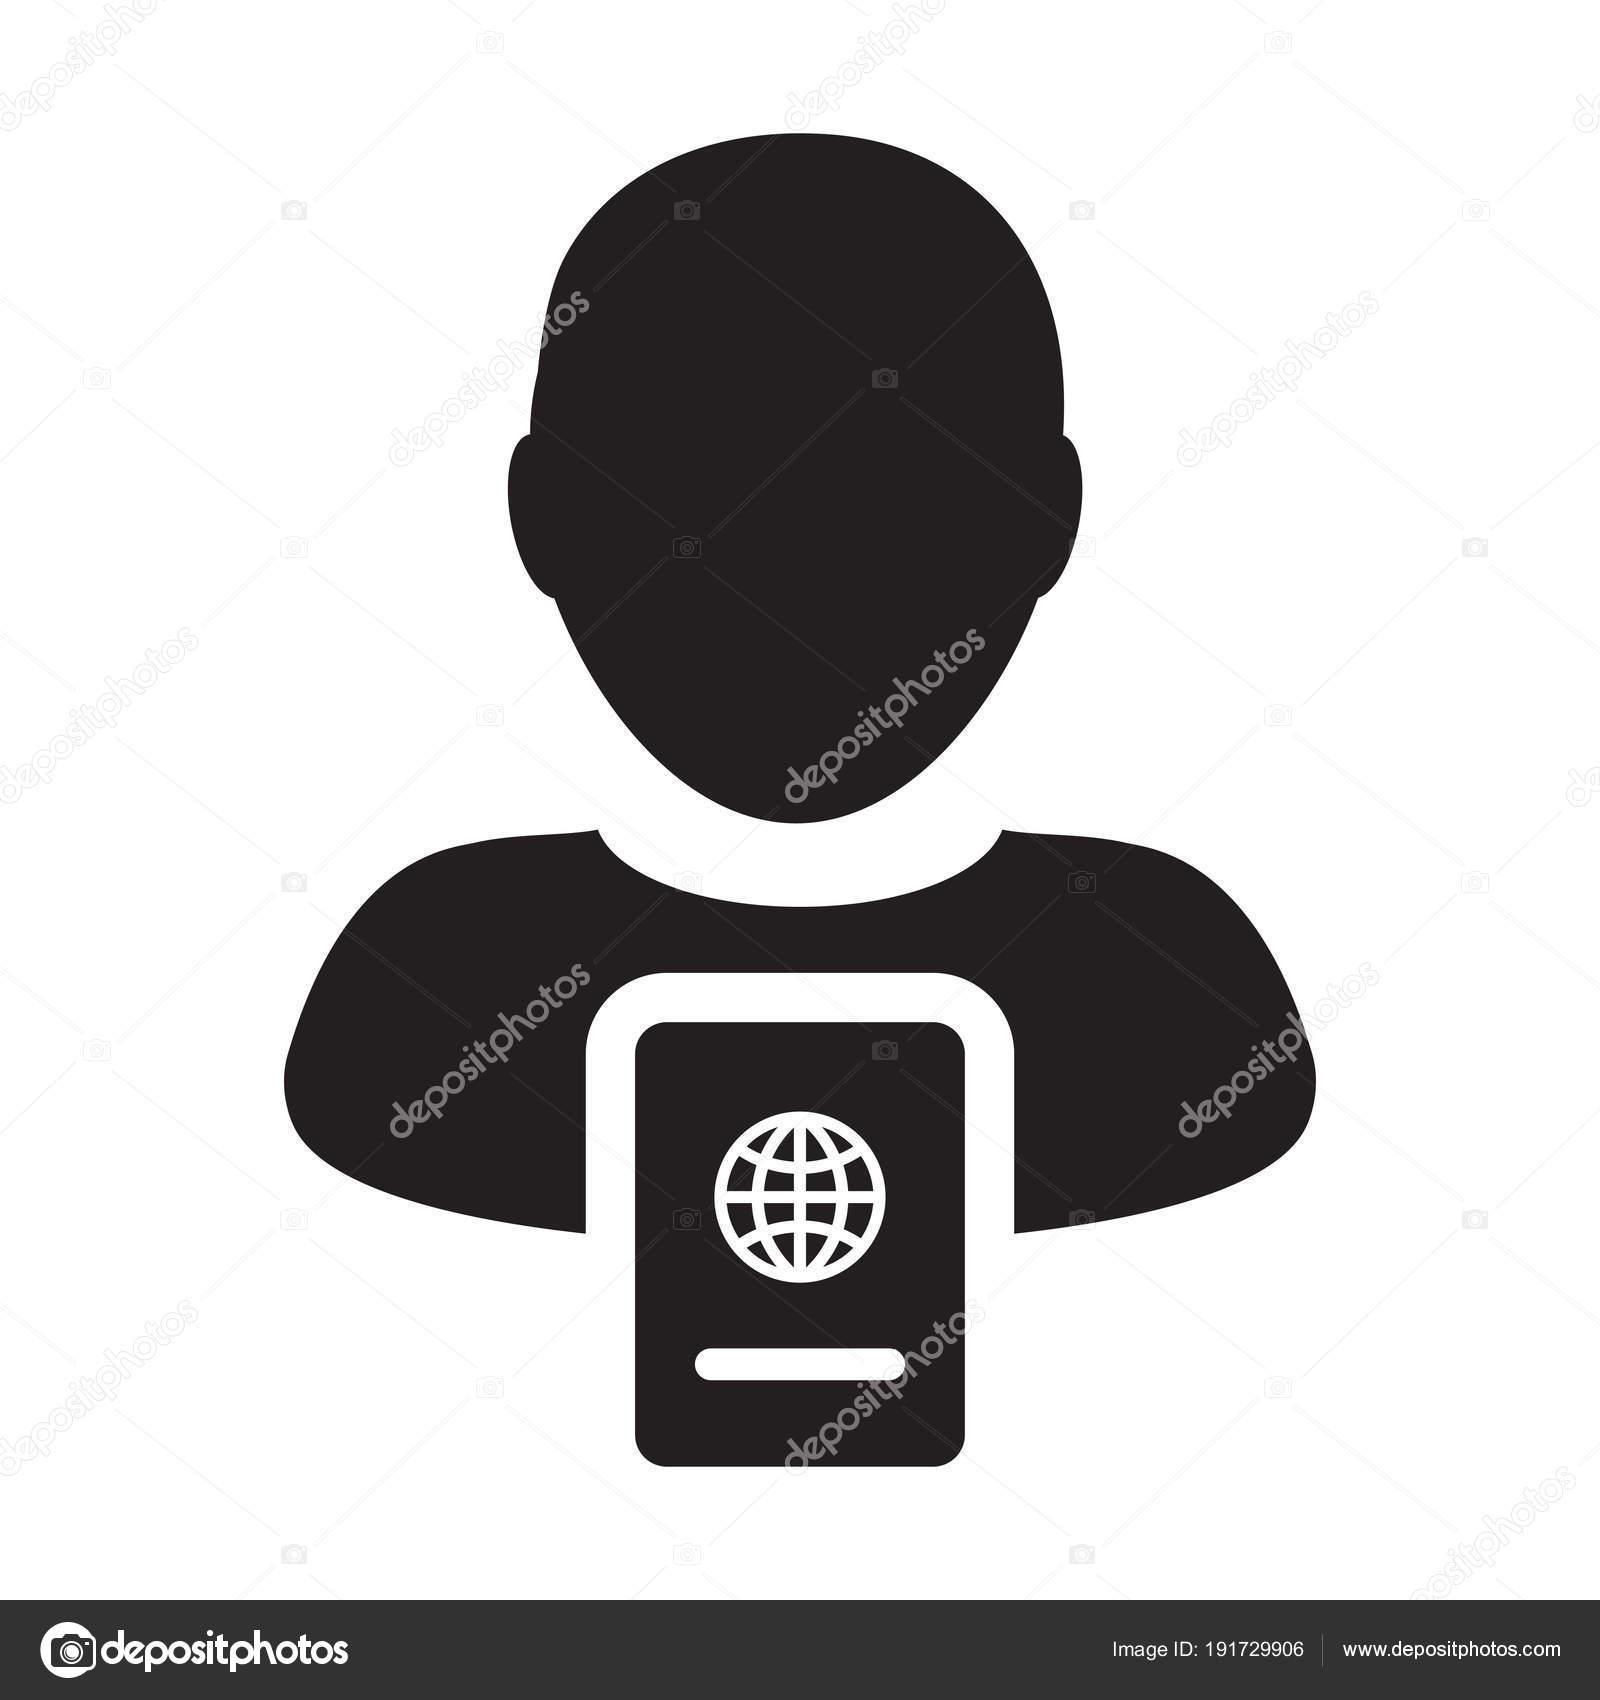 Passport Icon Vector Male Person Profile Avatar Symbol For